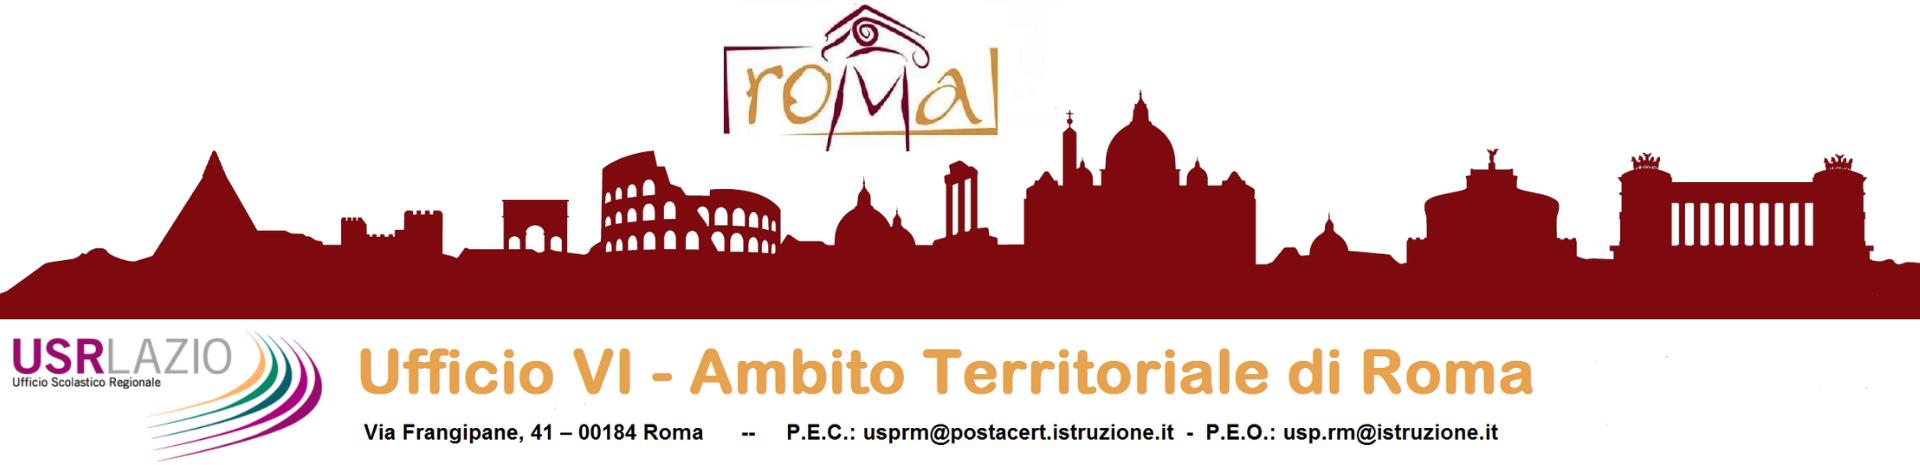 Ufficio VI – Ambito Territoriale di Roma